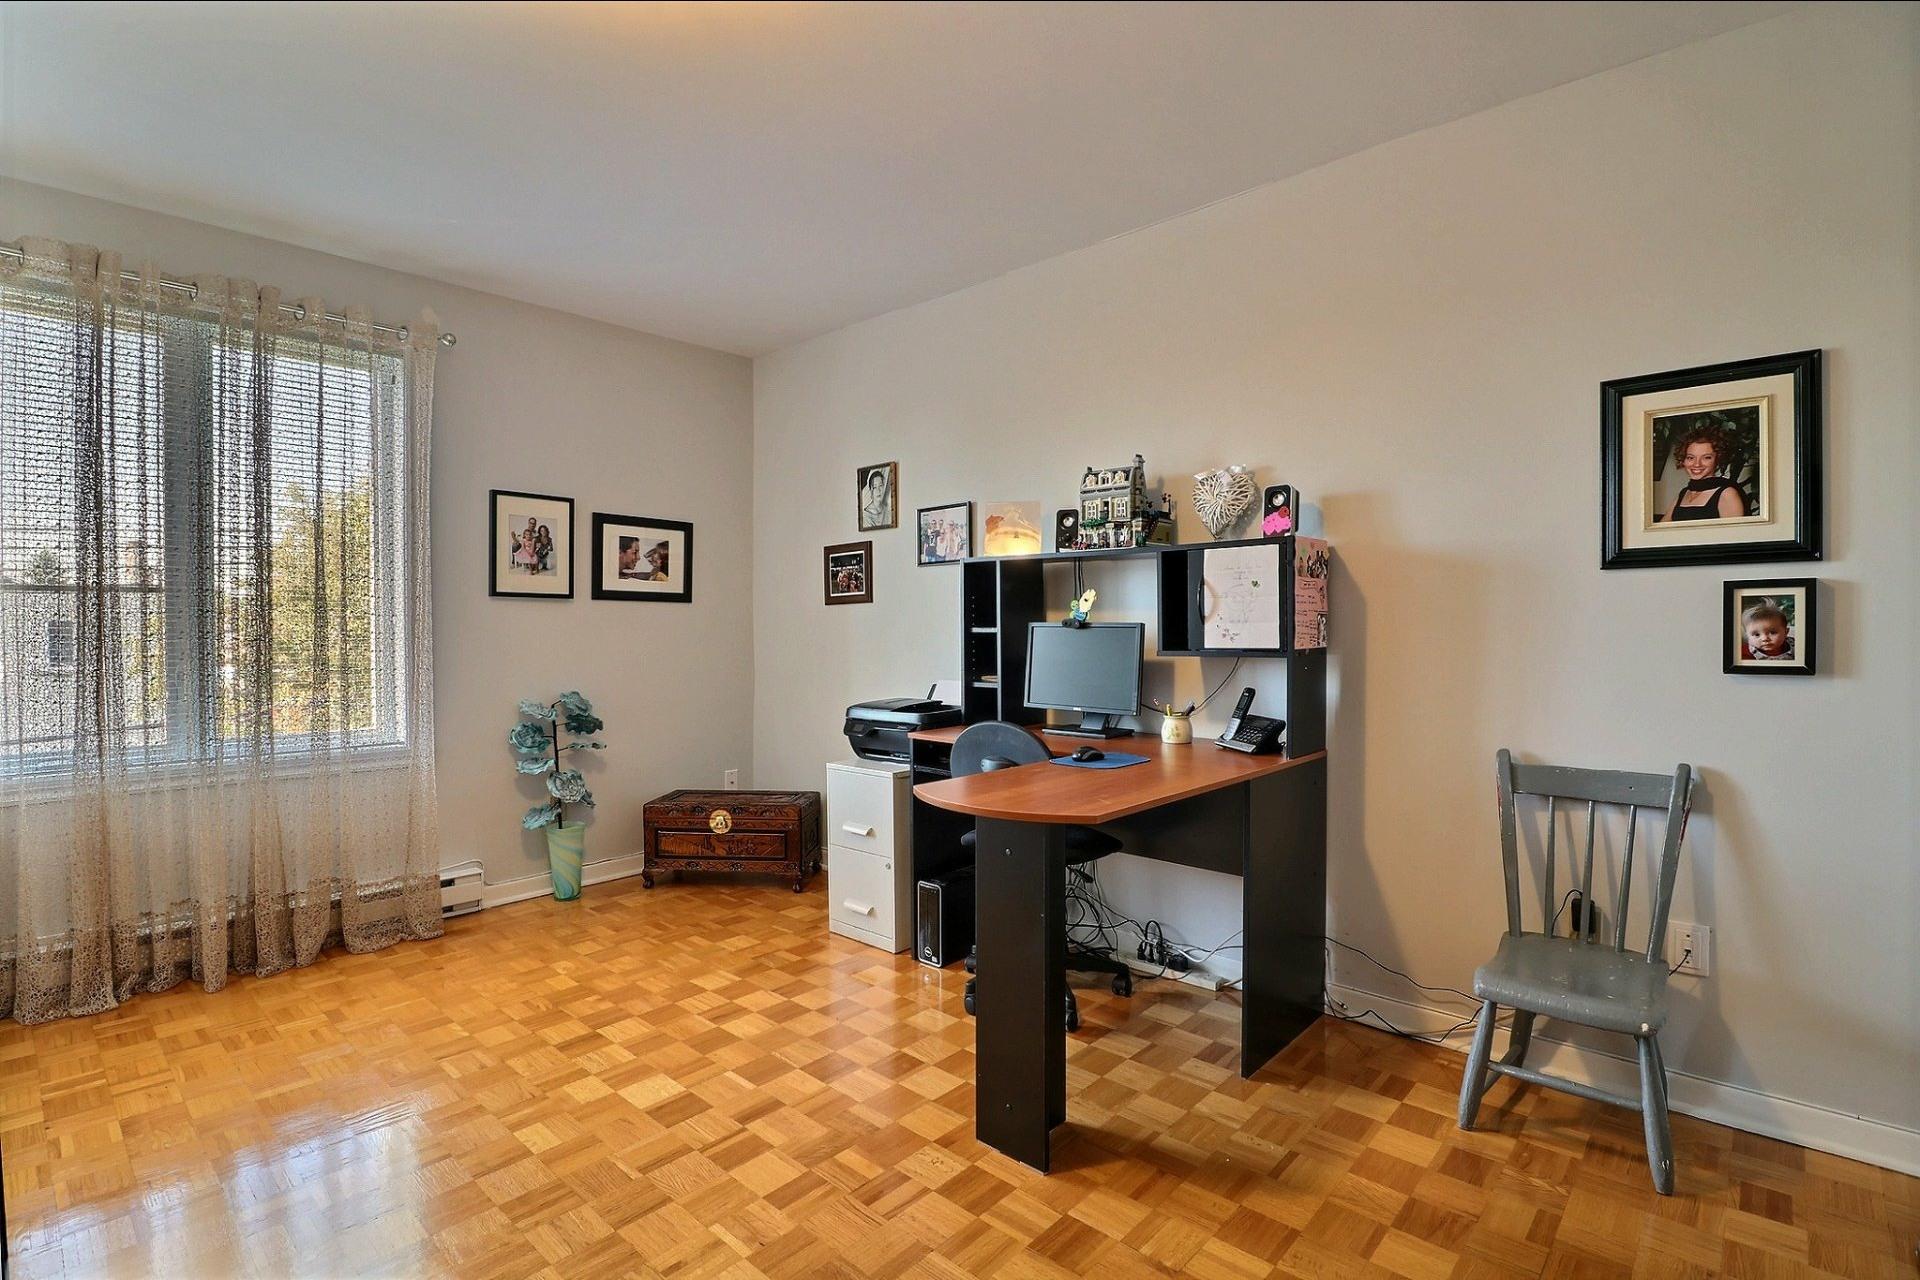 image 11 - Triplex For sale Laval Vimont  - 6 rooms